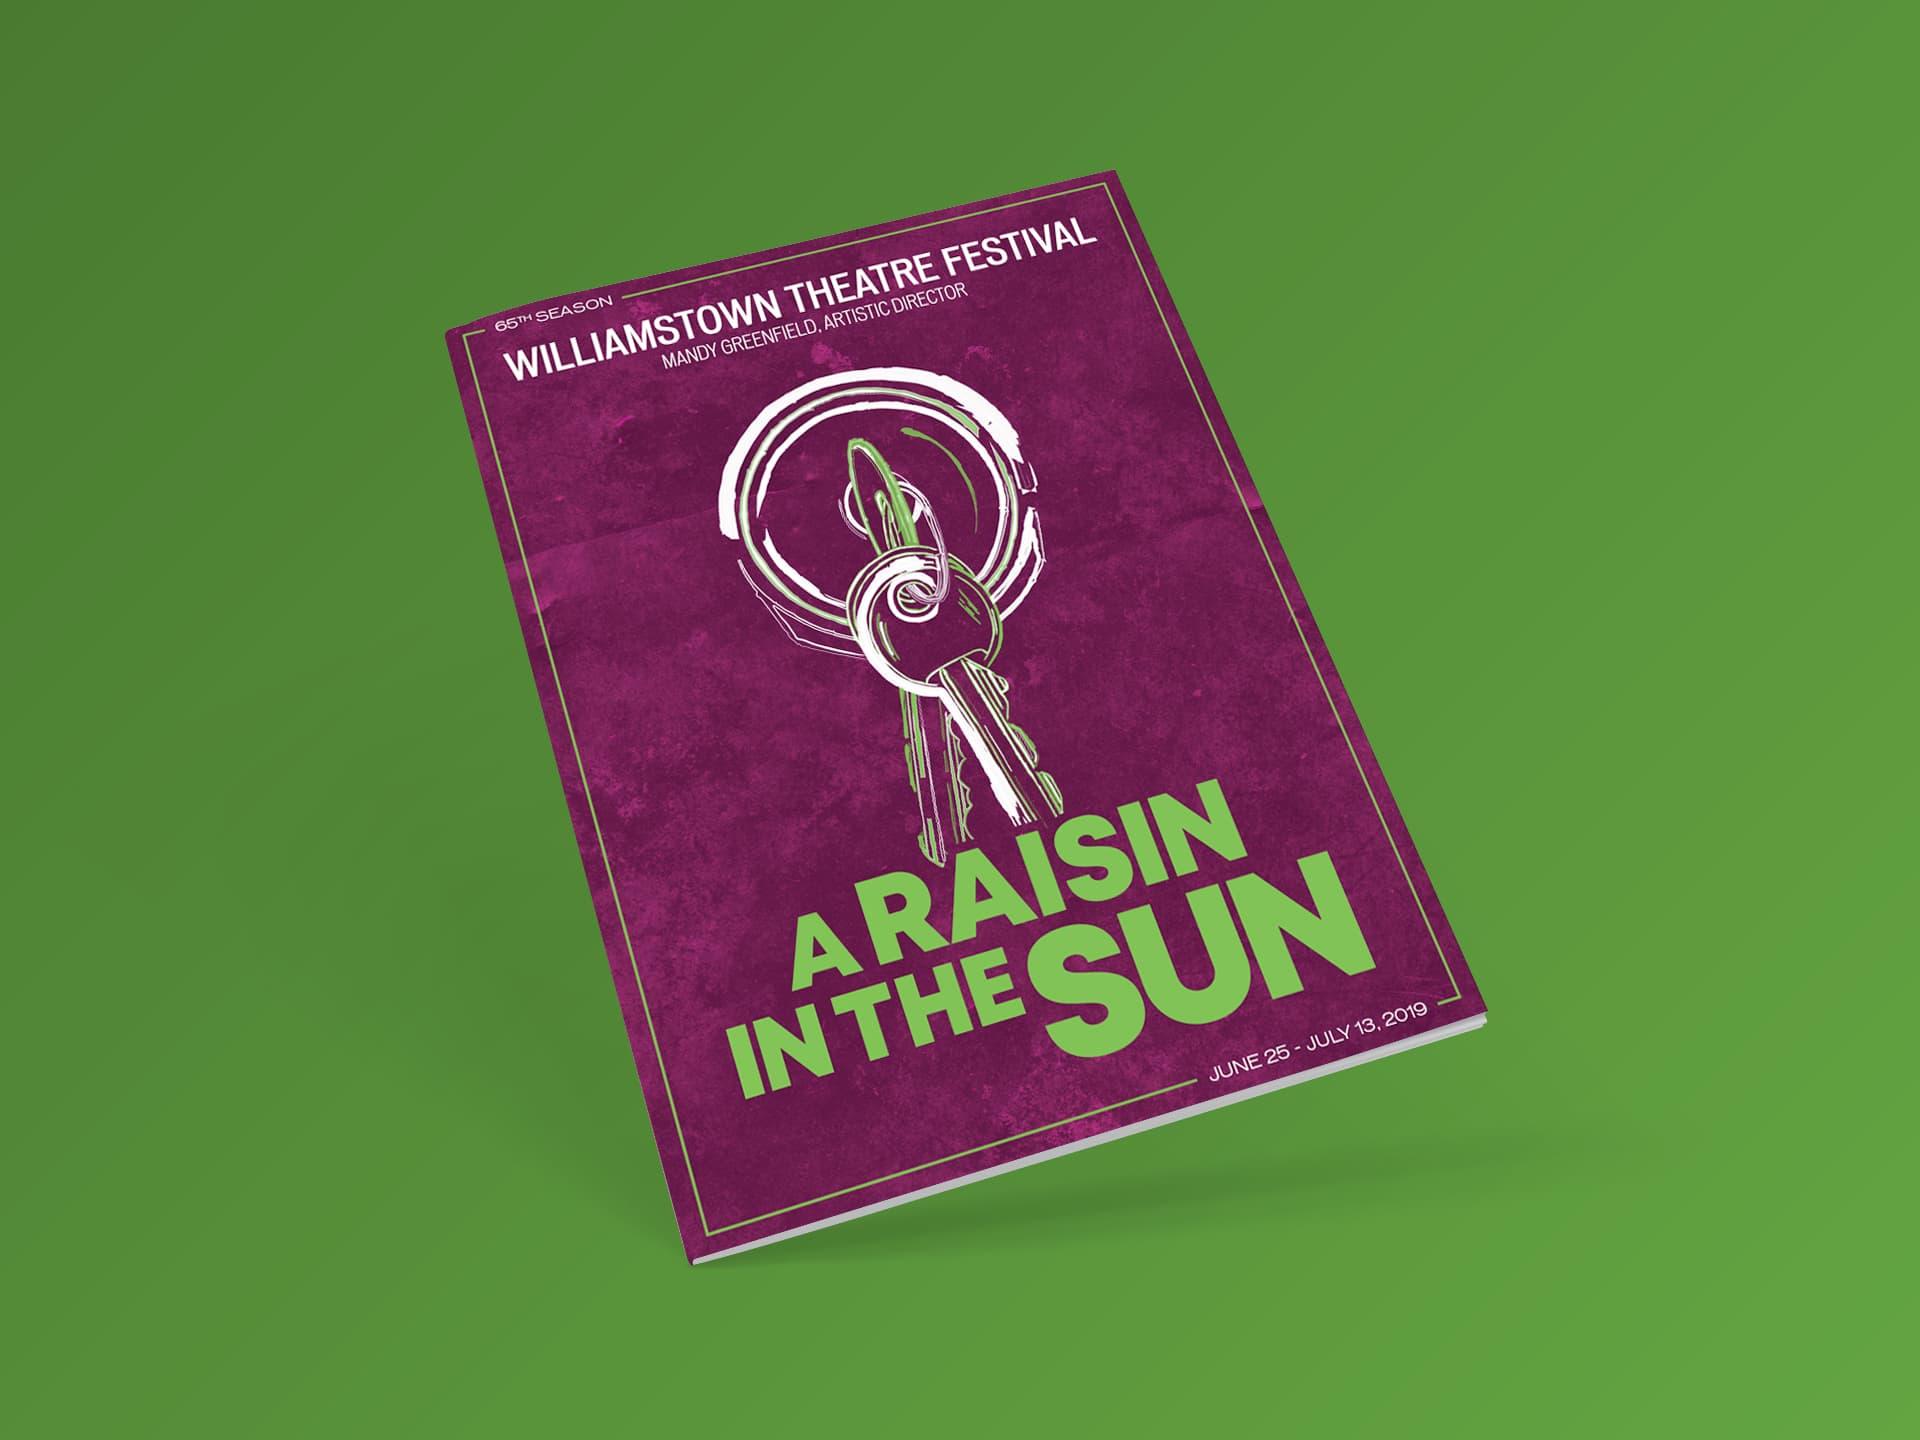 Program Cover (A Raisin in the Sun)